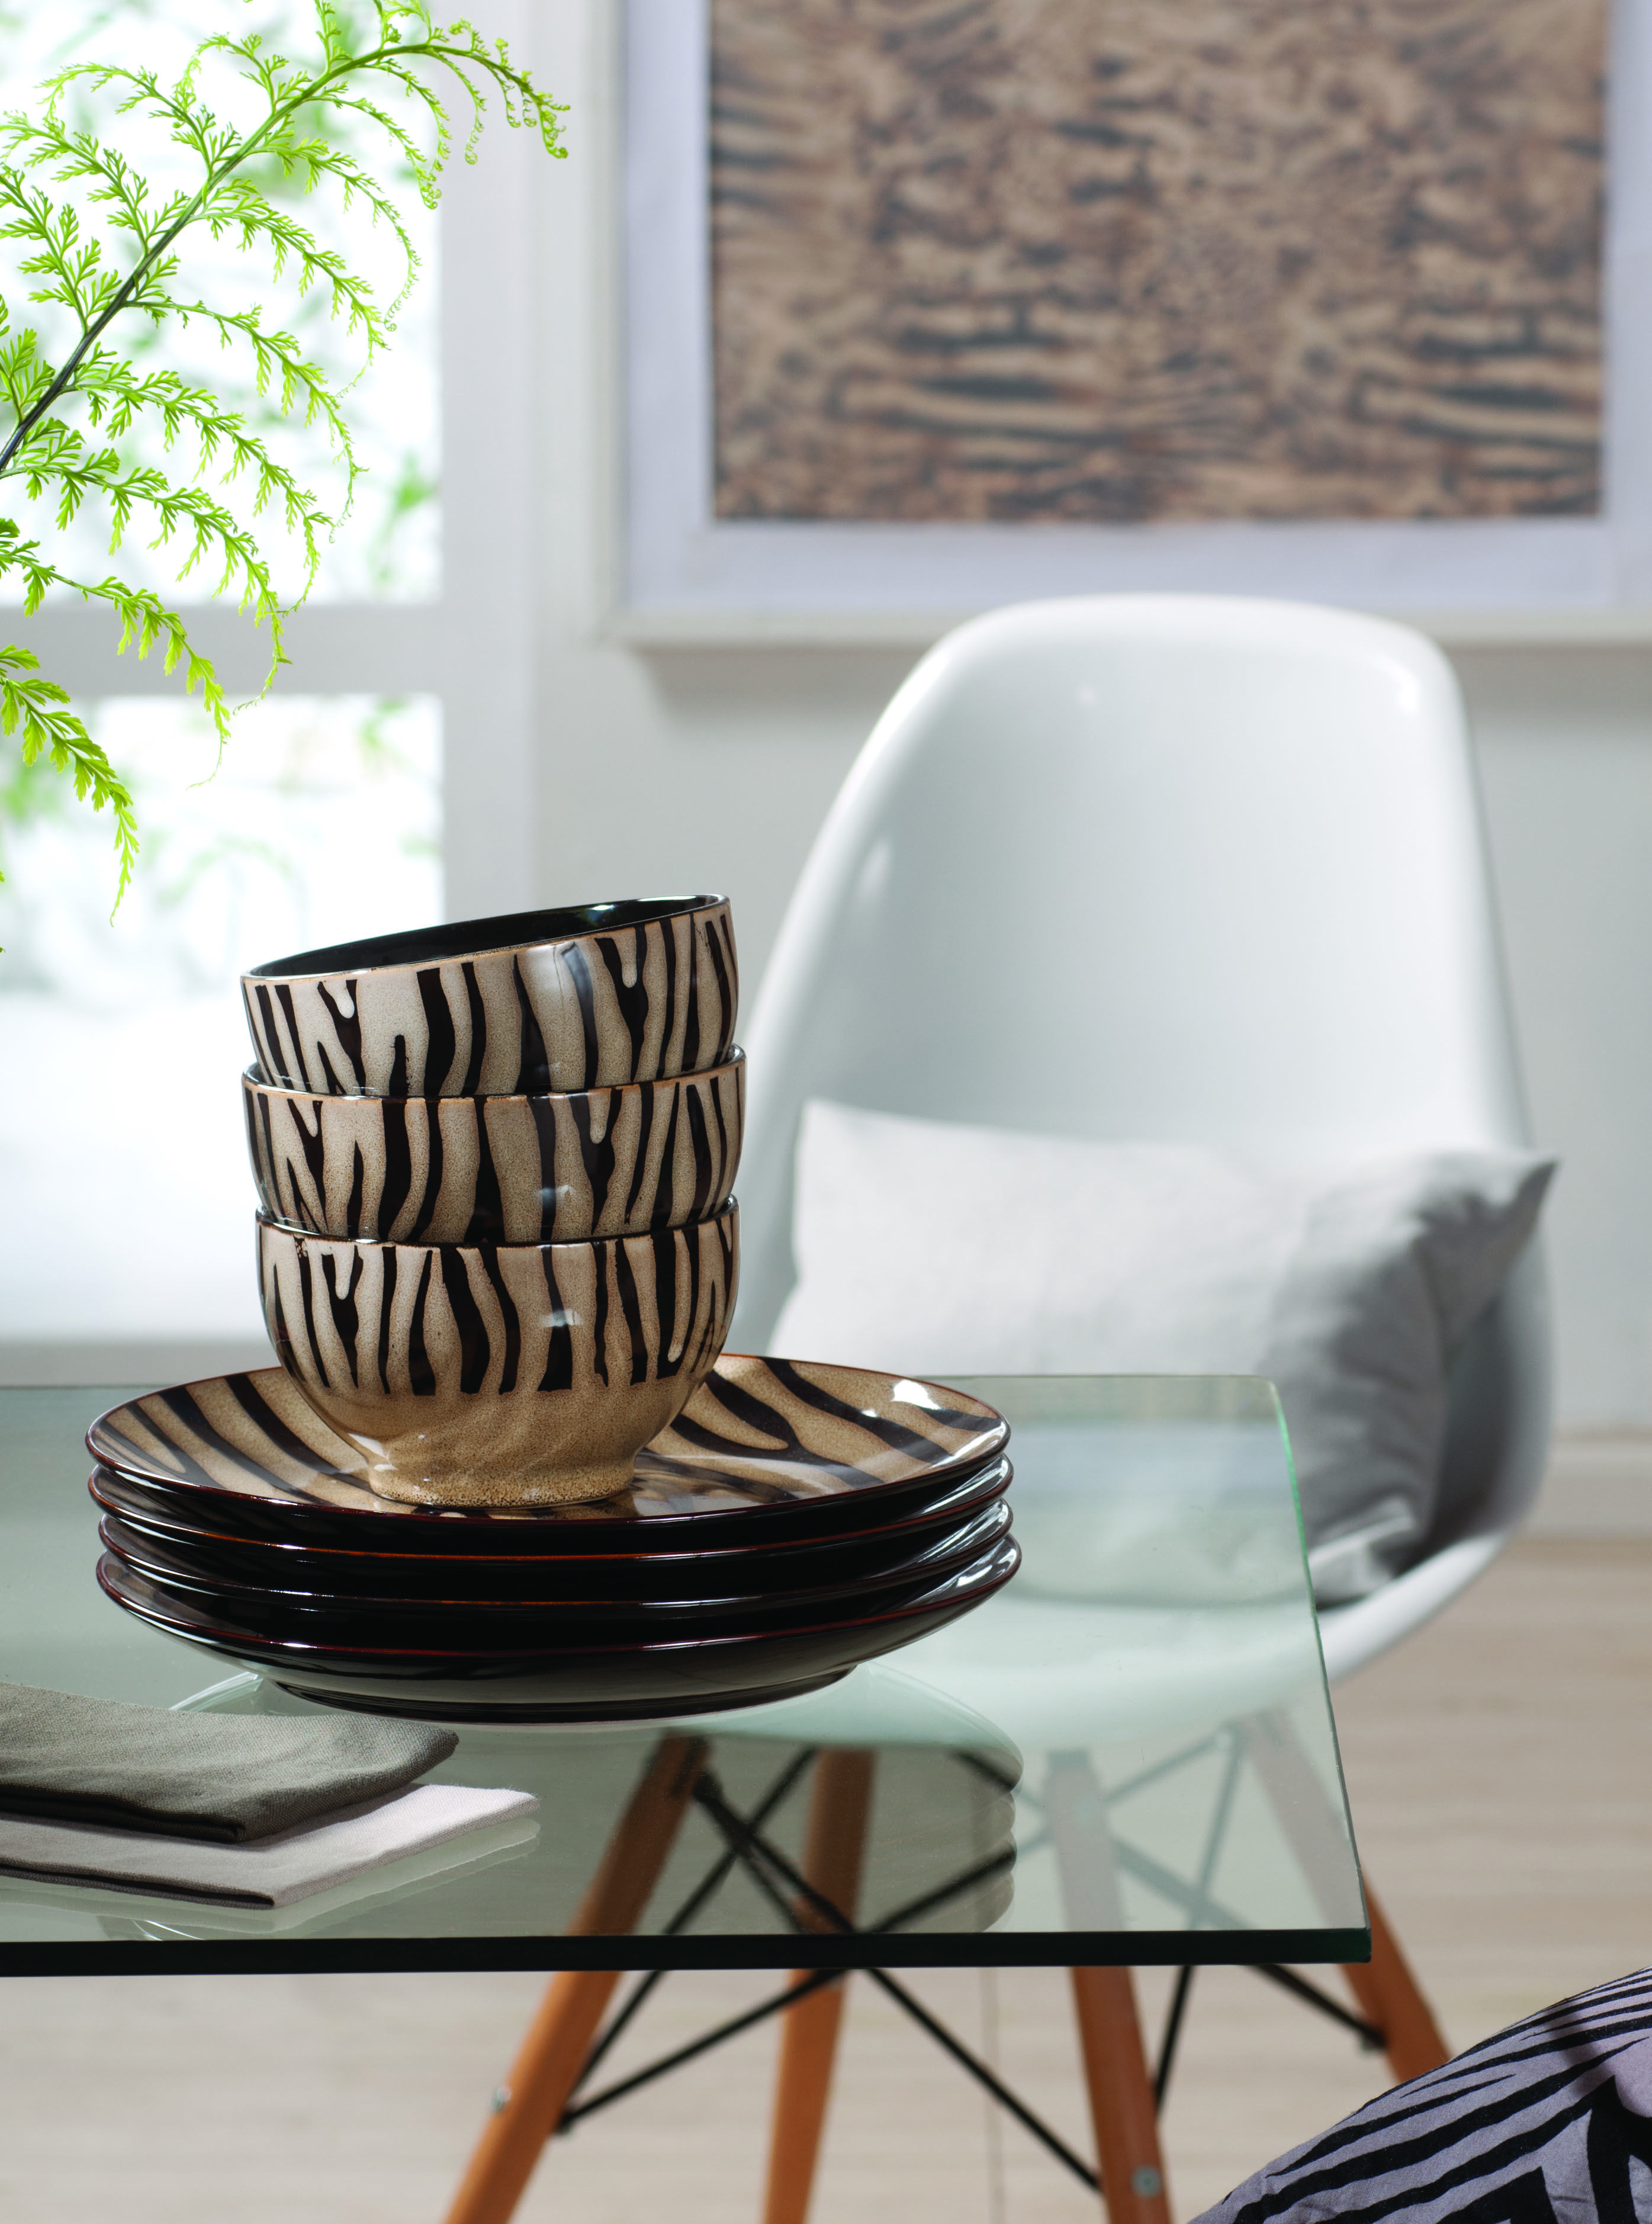 Combina el look de tu casa con la loza que ocupas para